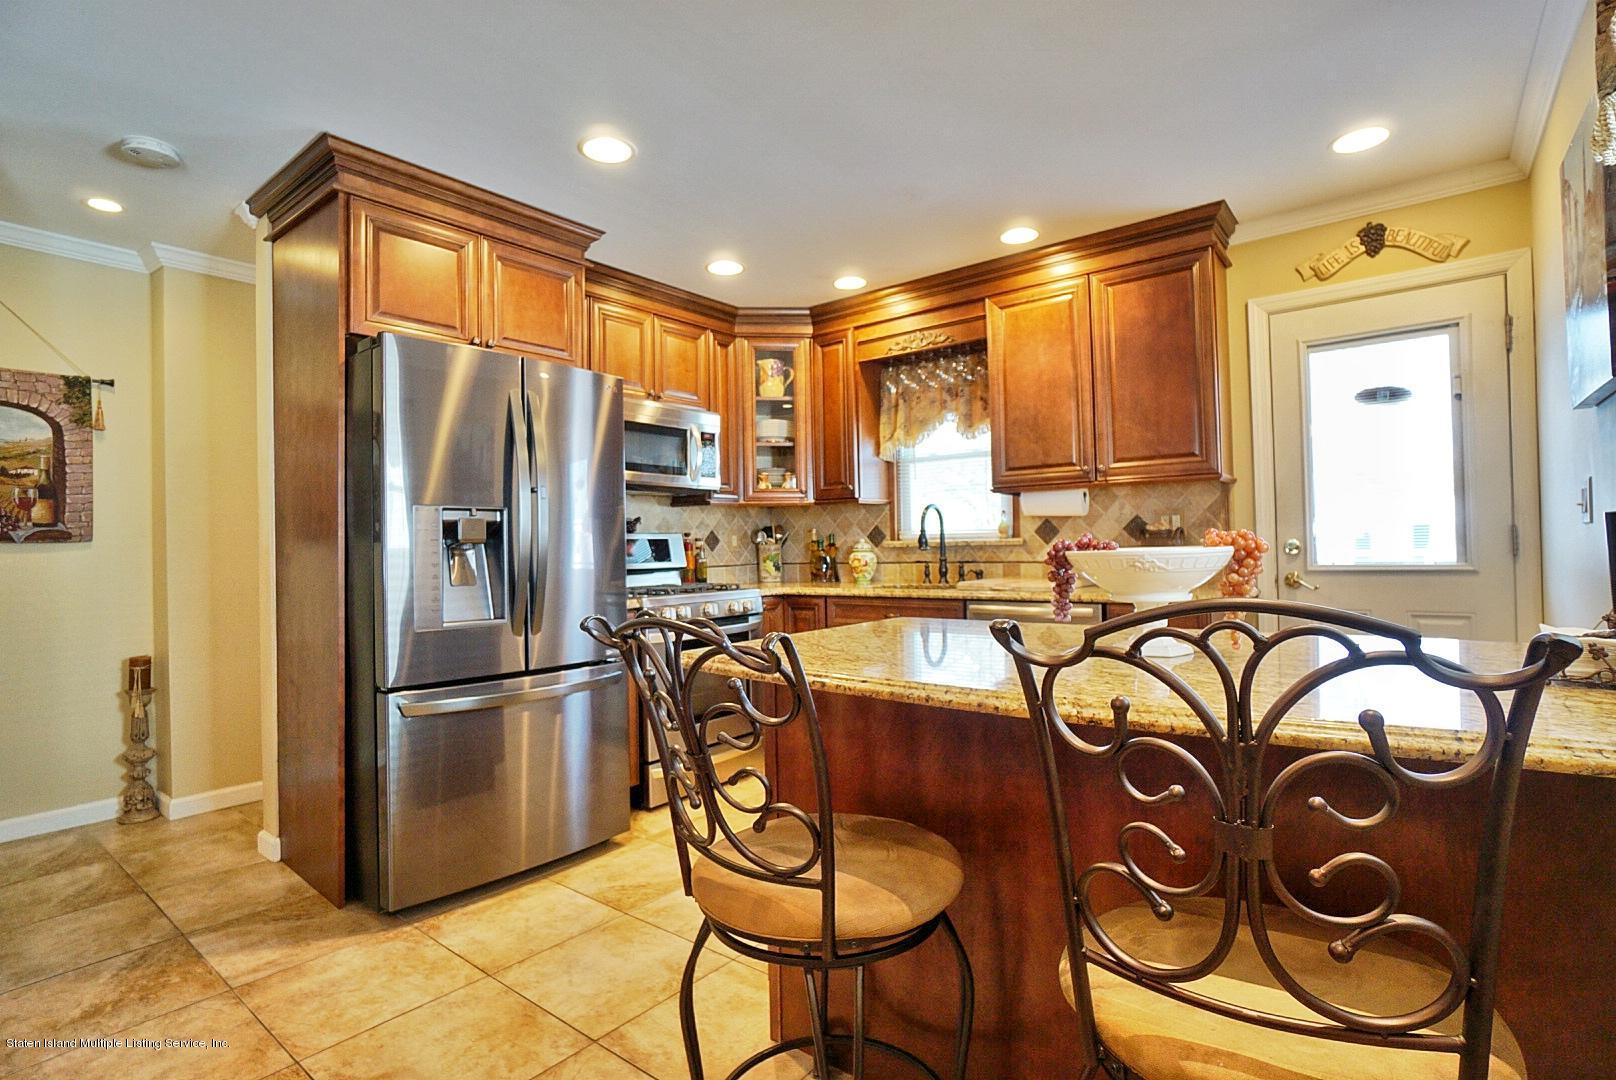 Single Family - Semi-Attached 366 Fairbanks Avenue  Staten Island, NY 10306, MLS-1127458-14